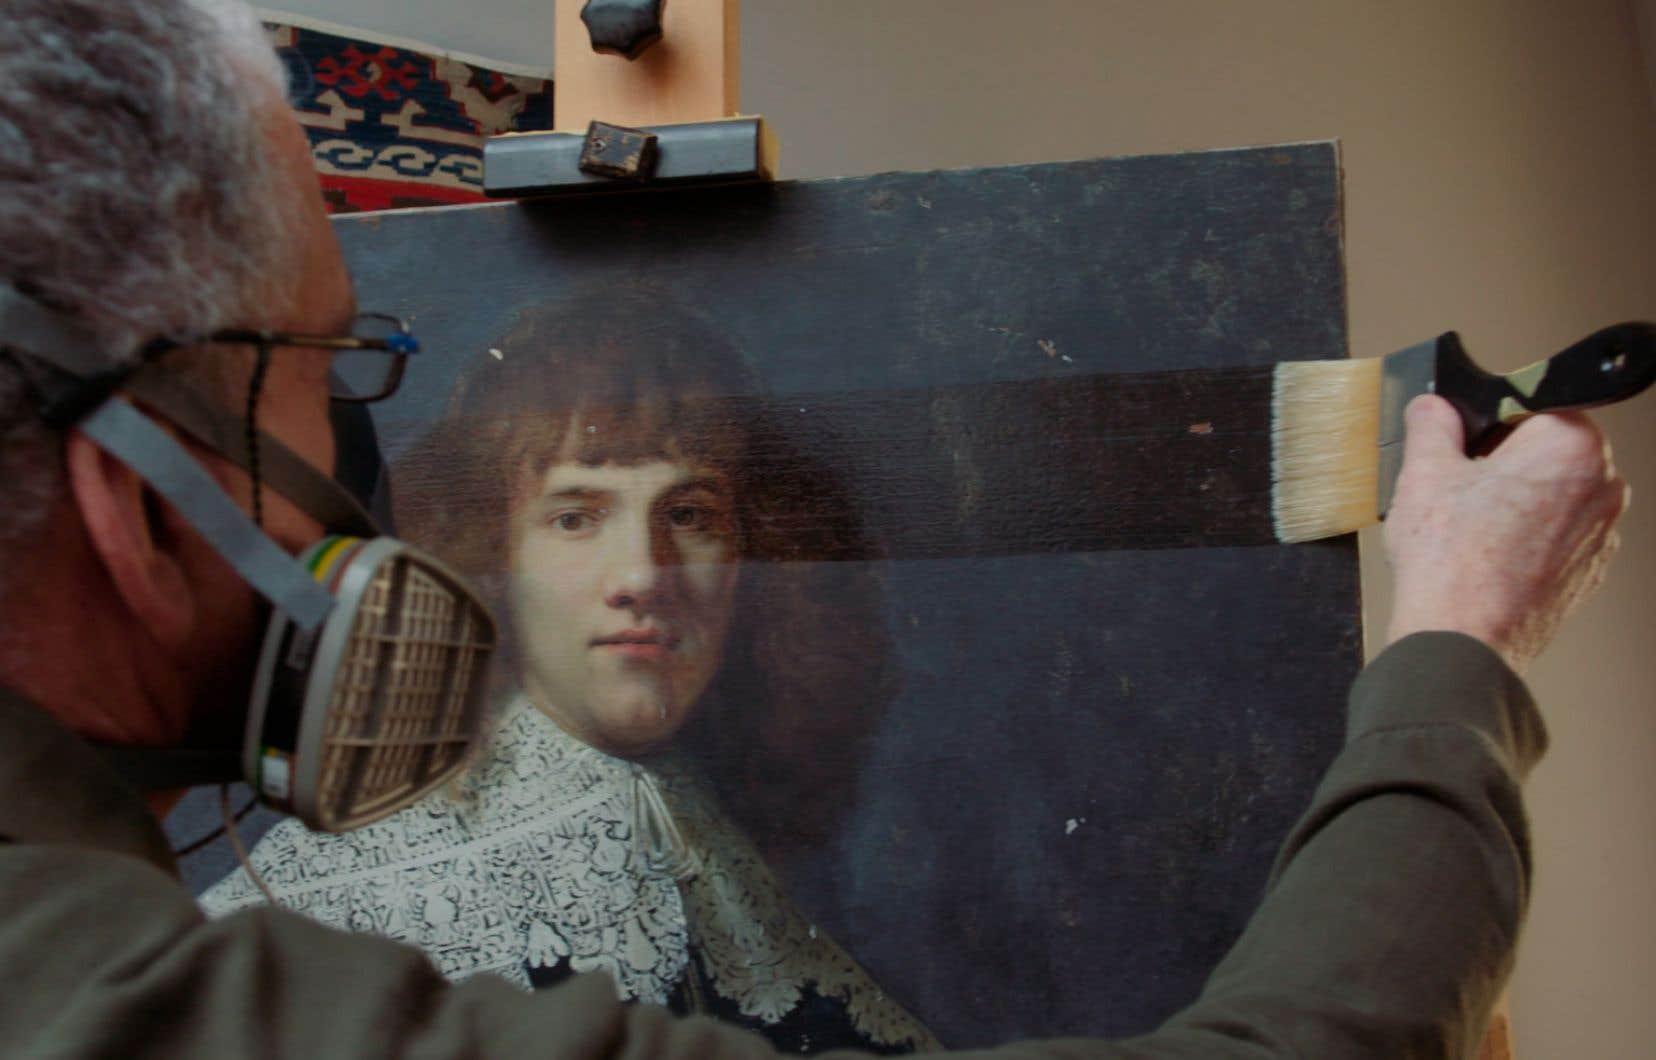 Réalisé par Oeke Hoogendijk, «My Rembrandt» offre une visite guidée dans ce qui s'avère presque un monde parallèle.